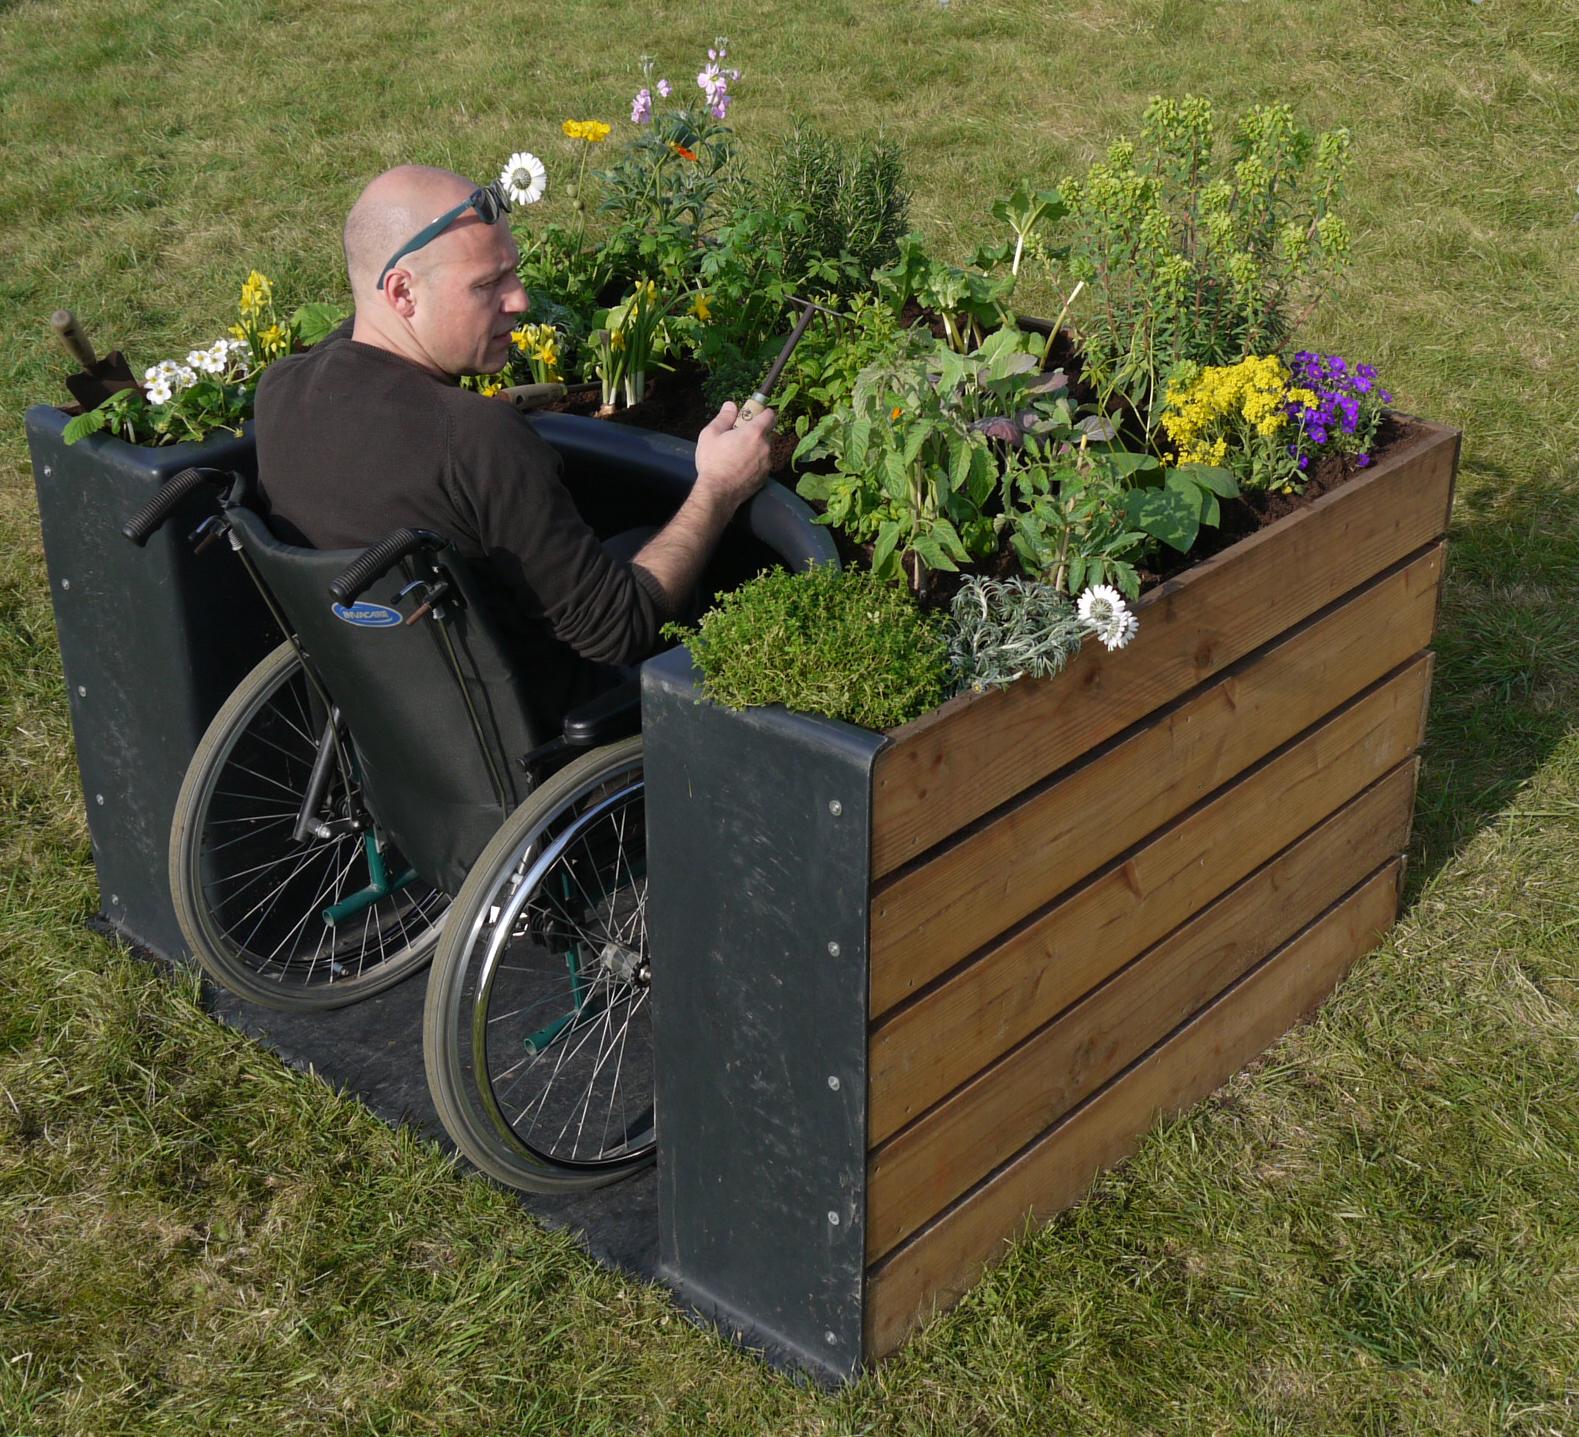 Terraformer permet la personne en chaise roulante de for Jardin et jardinage